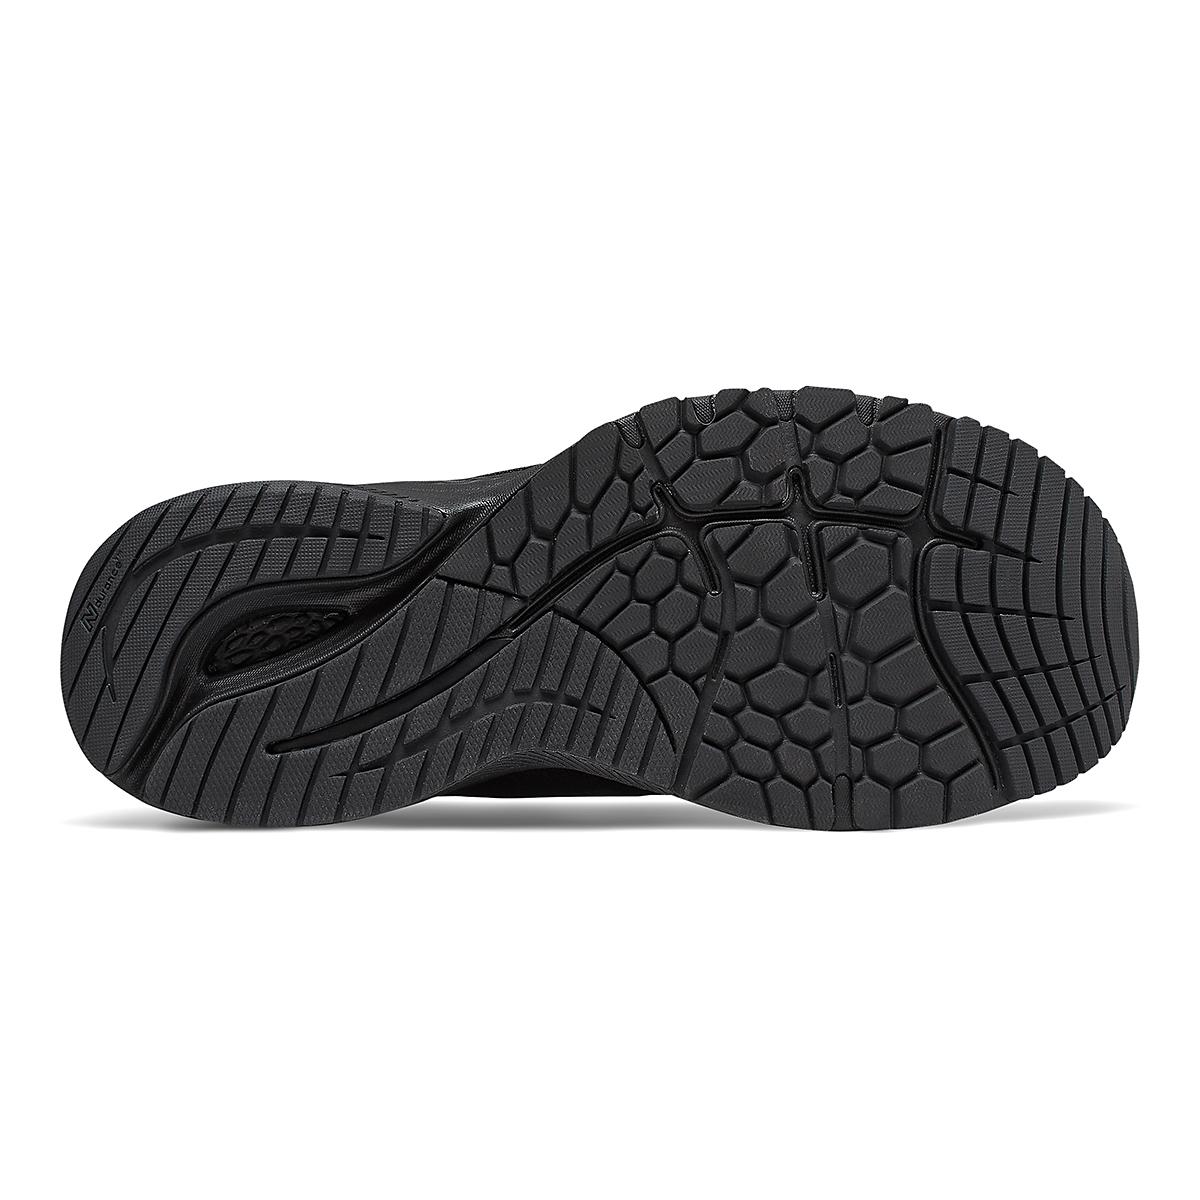 Women's New Balance 860V11 Running Shoe - Color: Black - Size: 6.5 - Width: Regular, Black, large, image 3